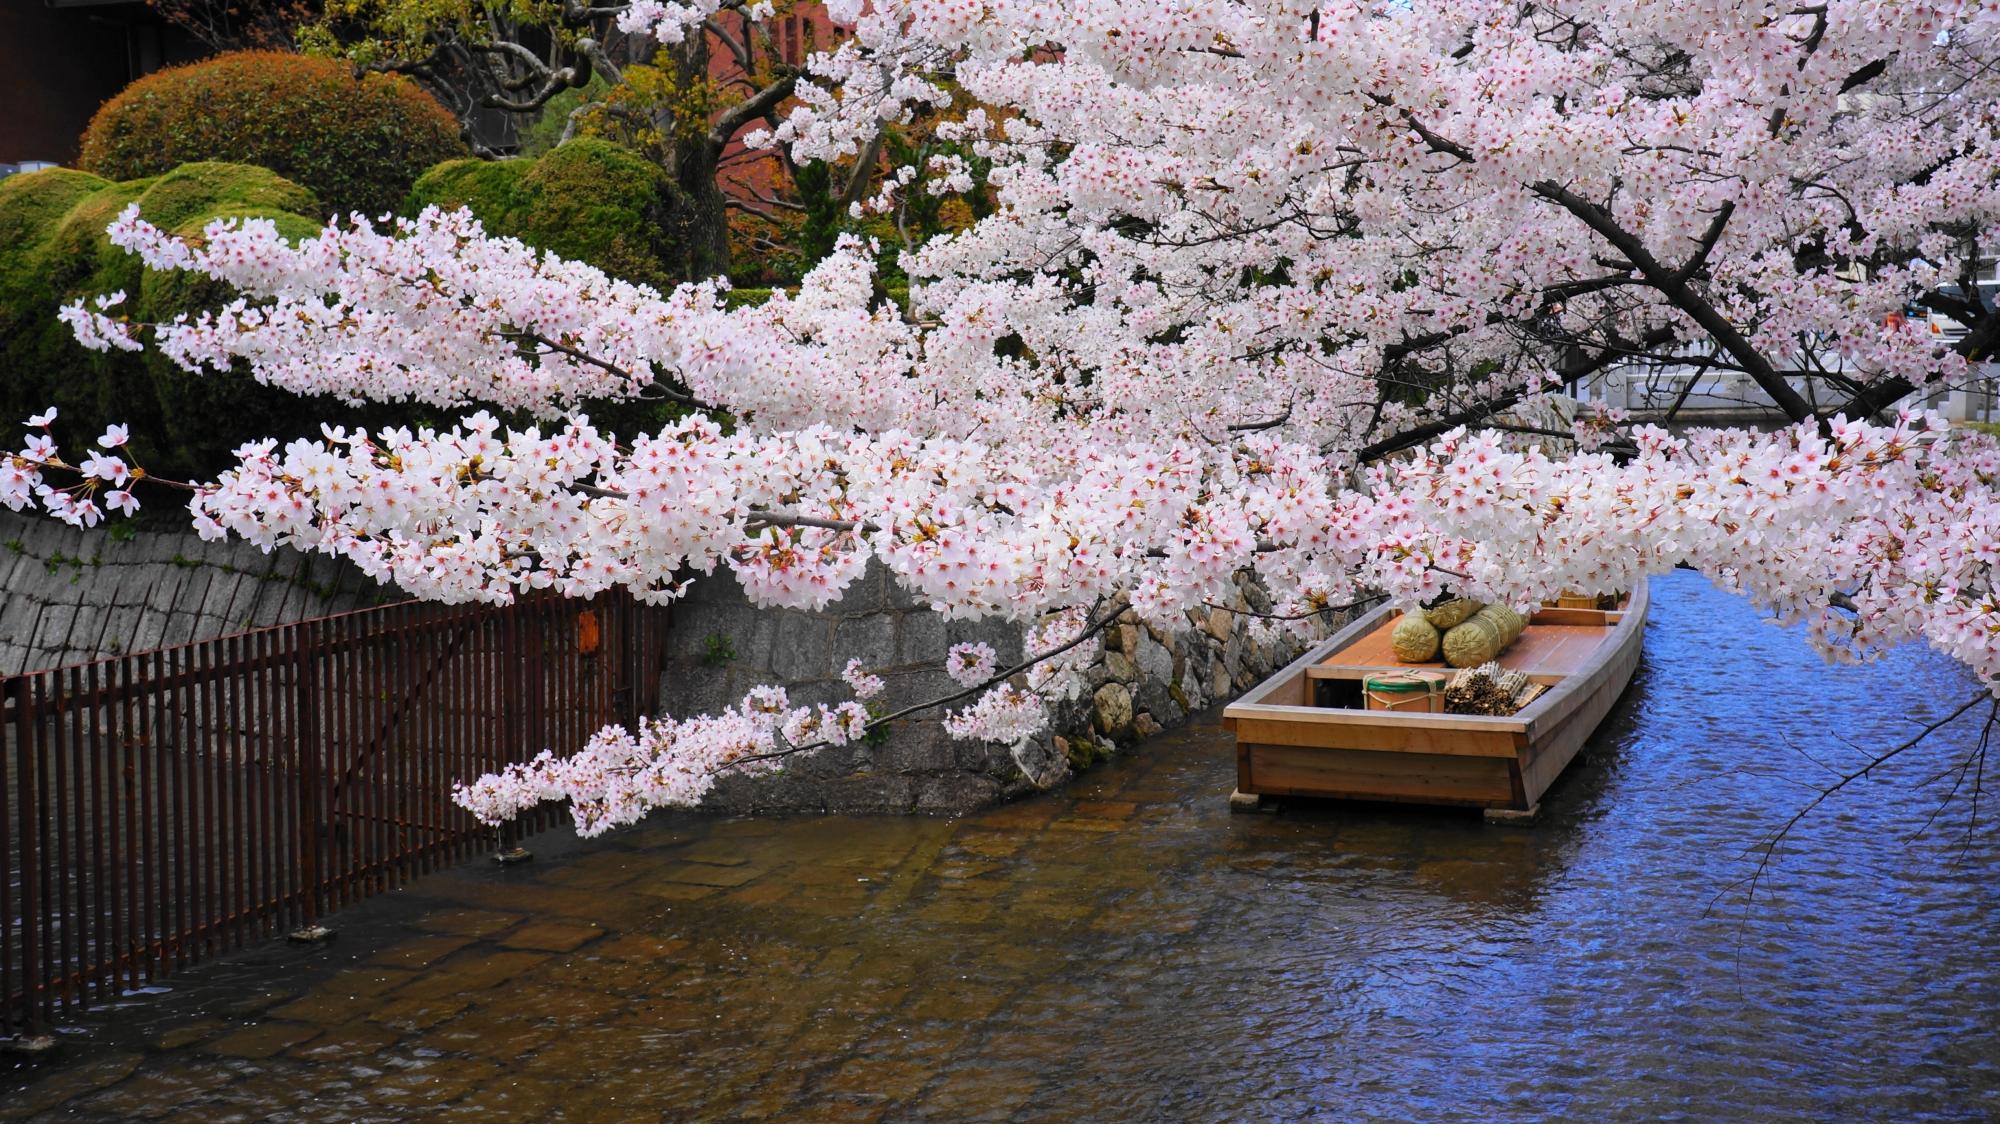 ピンクや白の春色につつまれた高瀬川一之船入高瀬川一之船入(たかせがわいちのふないり)